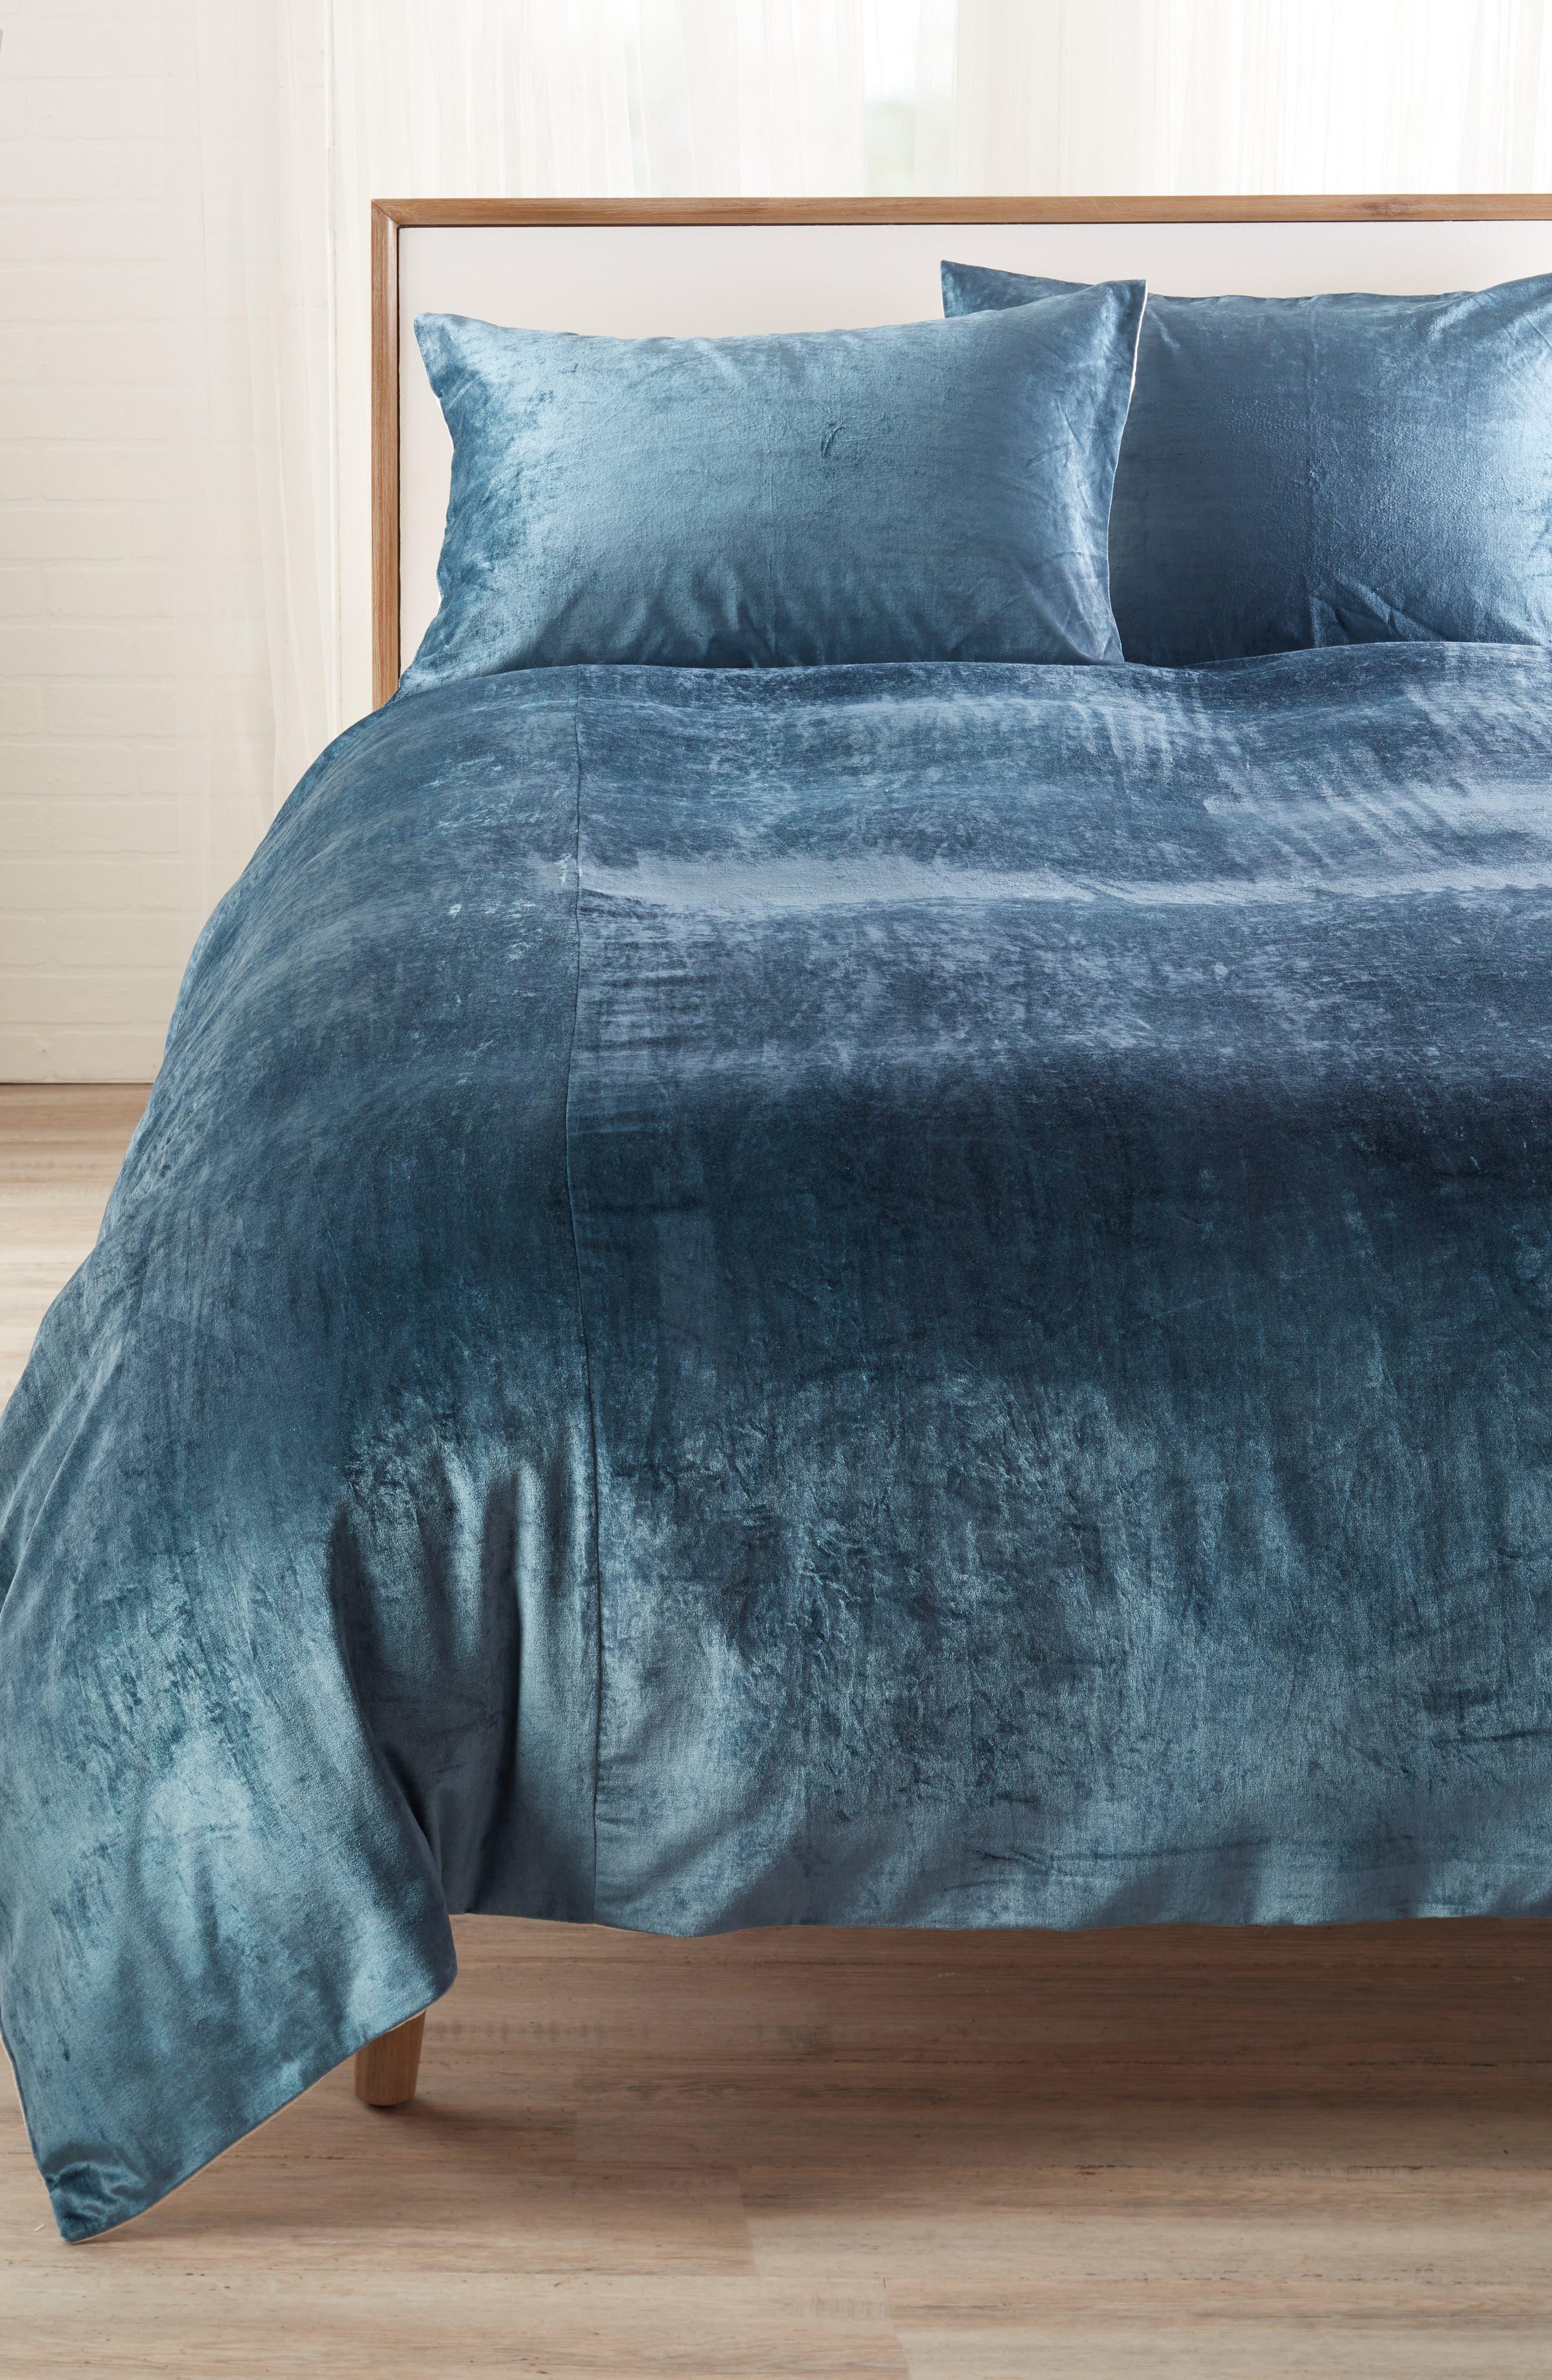 Shimmer Velvet Duvet Cover,                             Main thumbnail 1, color,                             TEAL GAZER